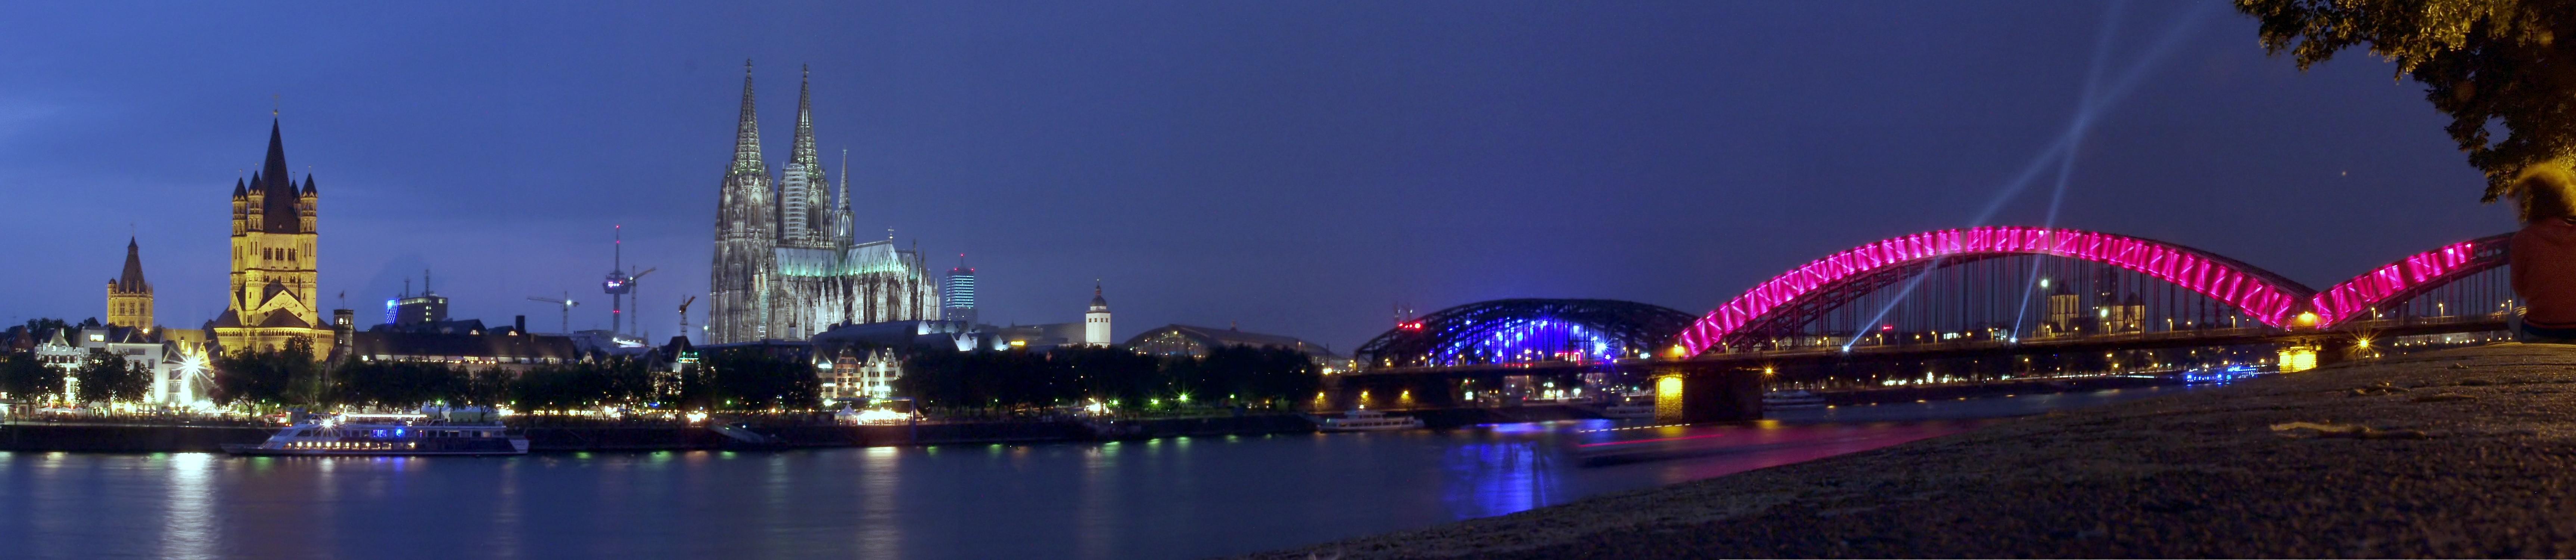 Koeln - Rheinpanorama bei Nacht